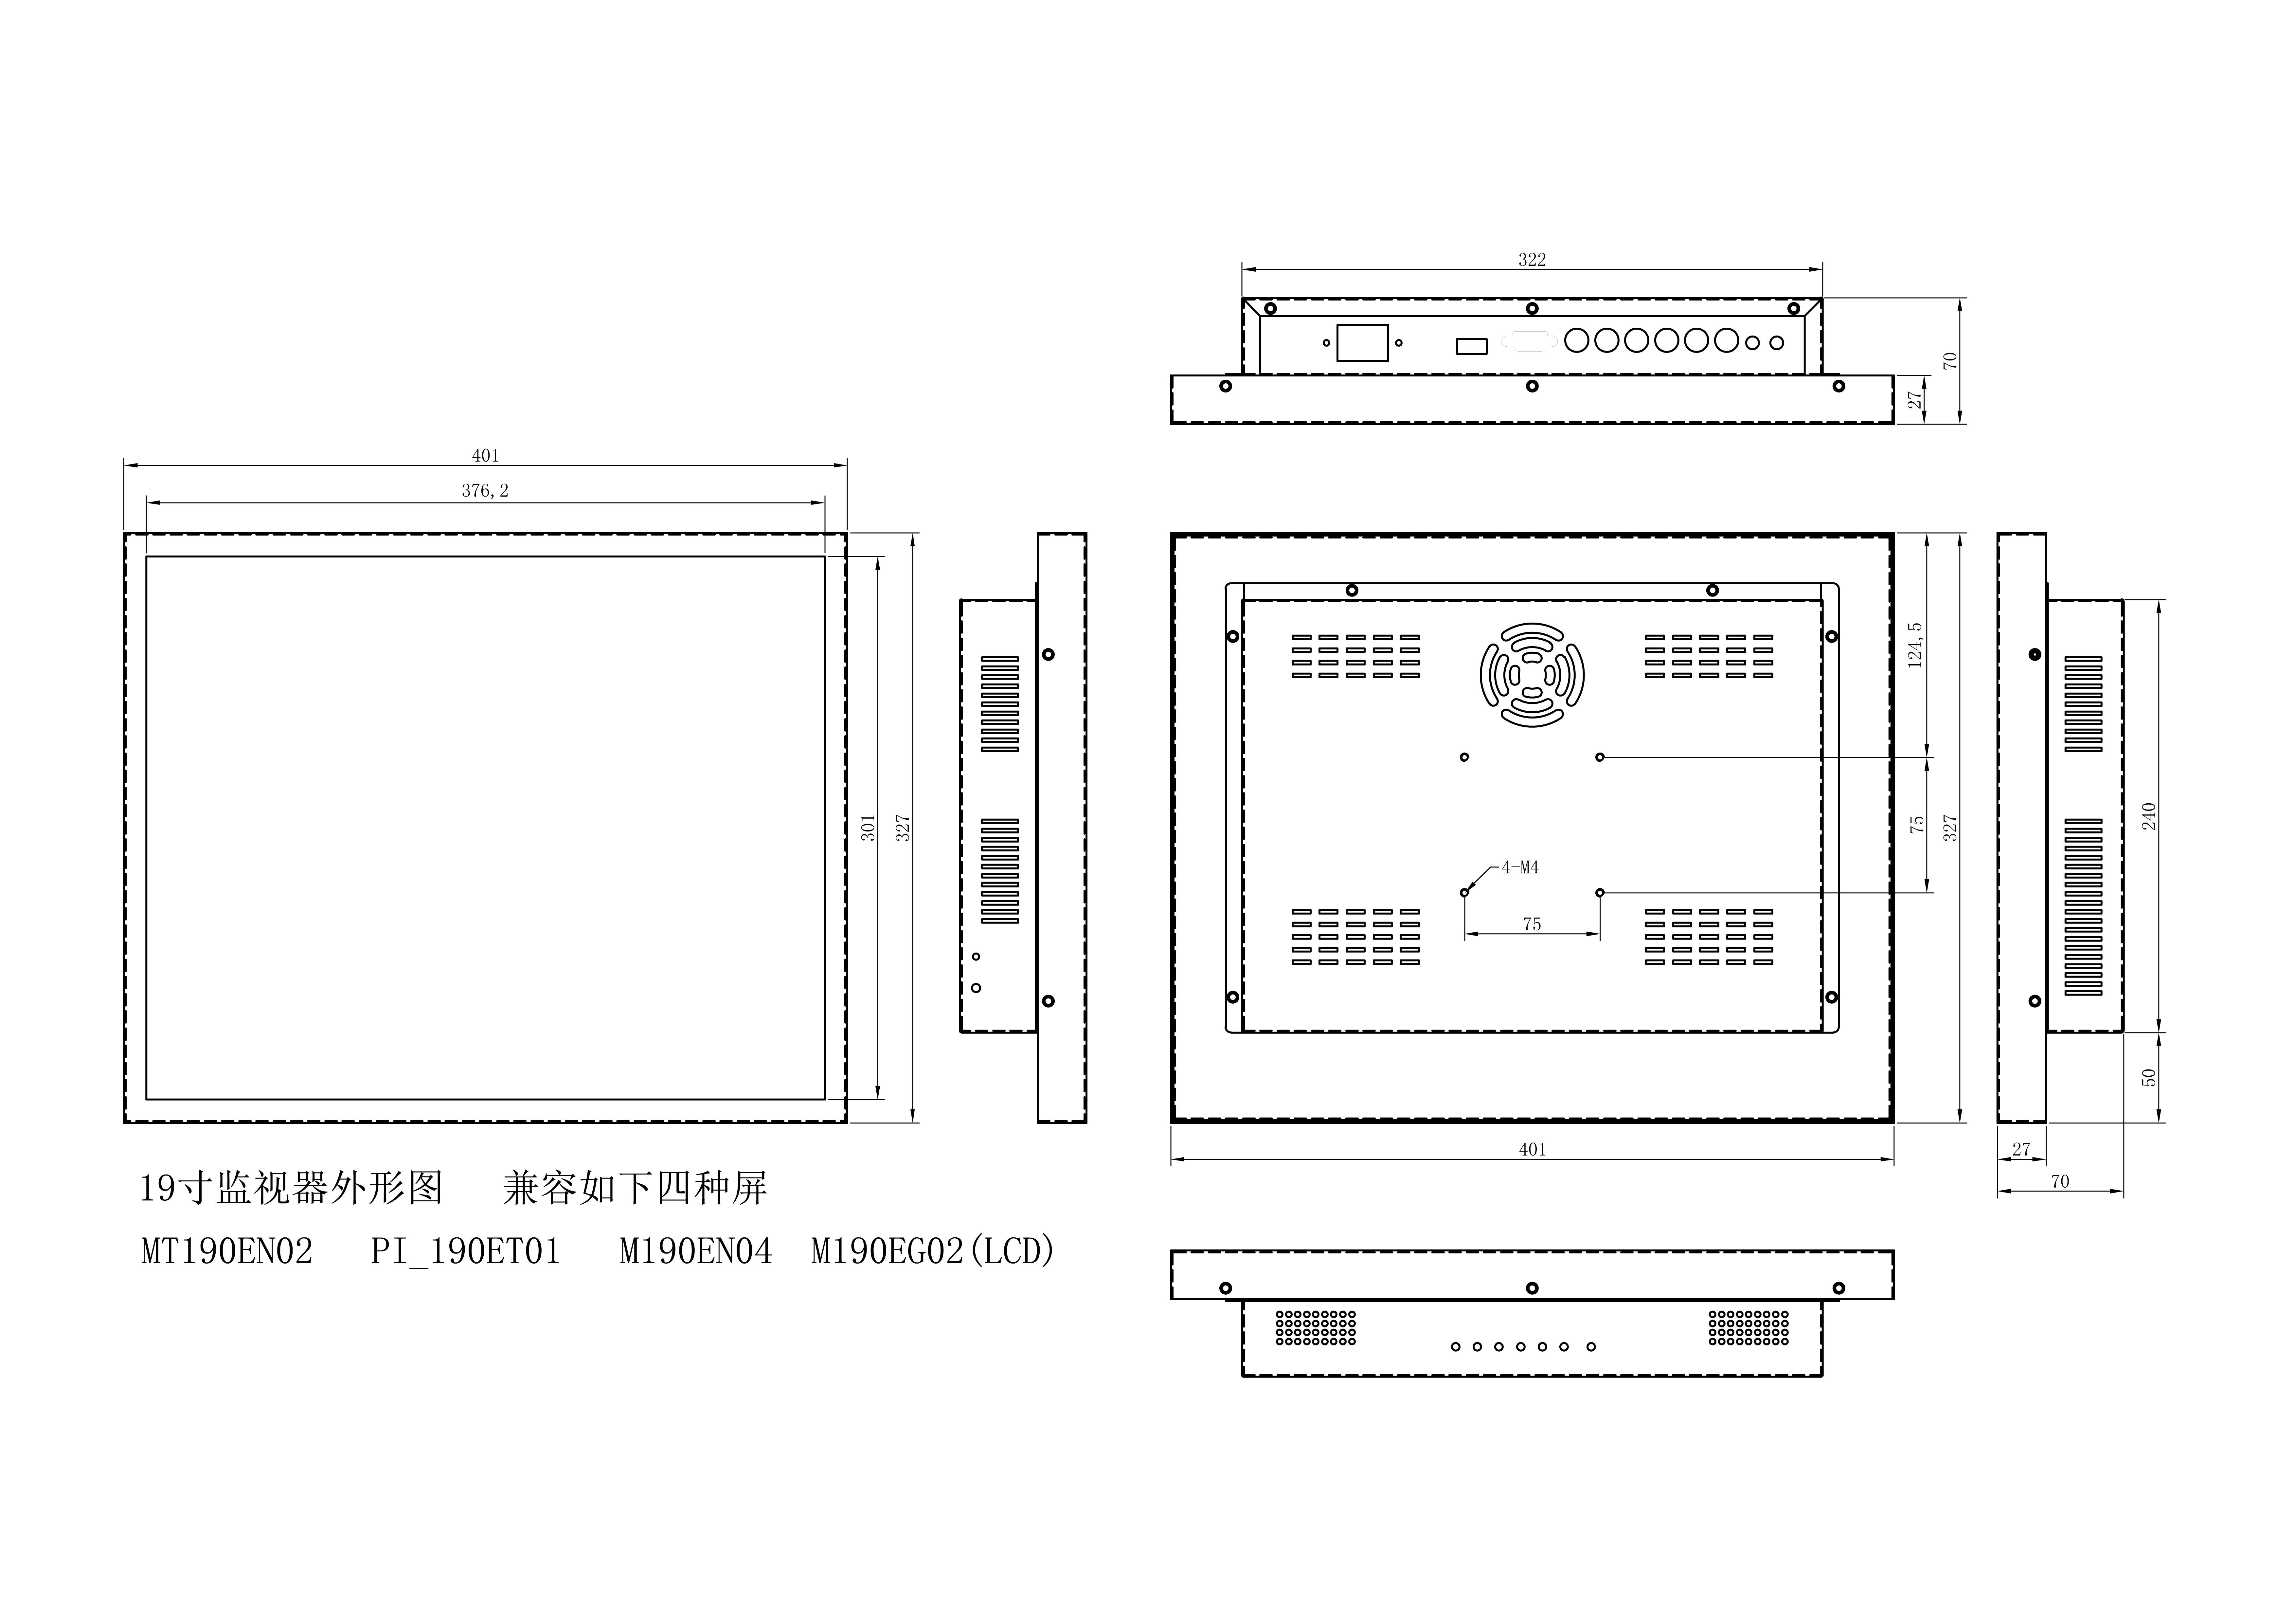 19寸液晶监视器